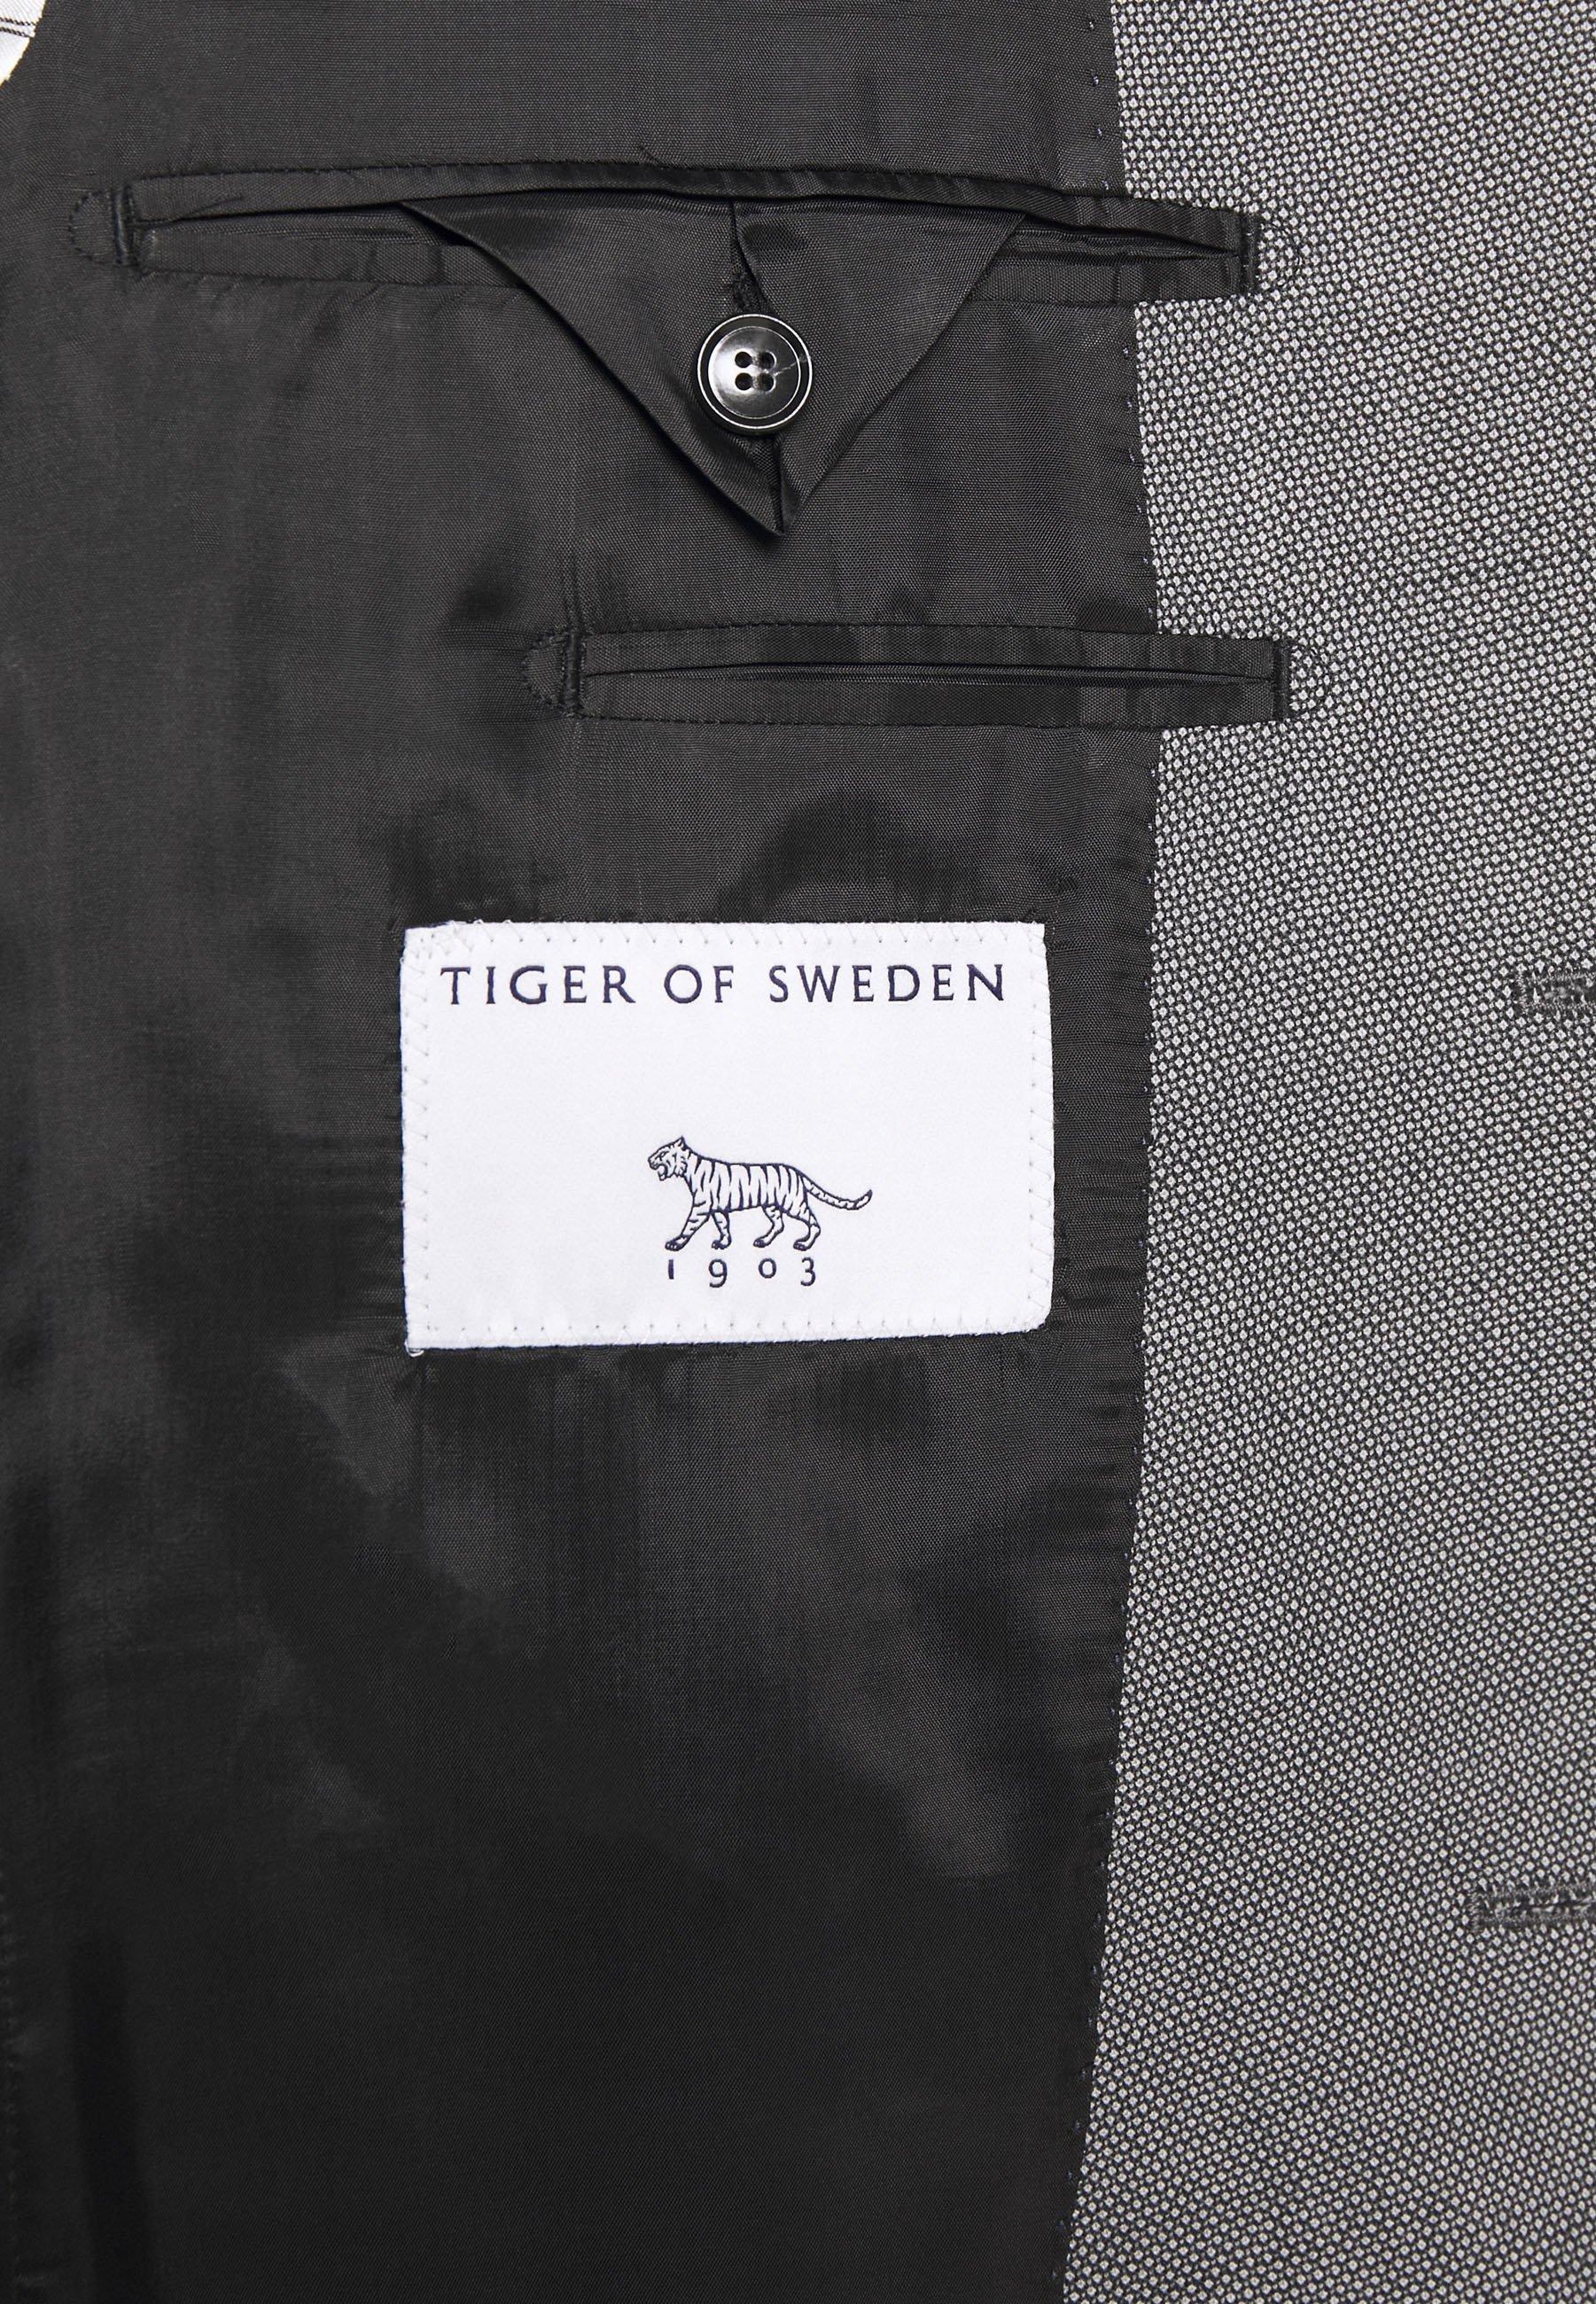 Tiger of Sweden Costume - black